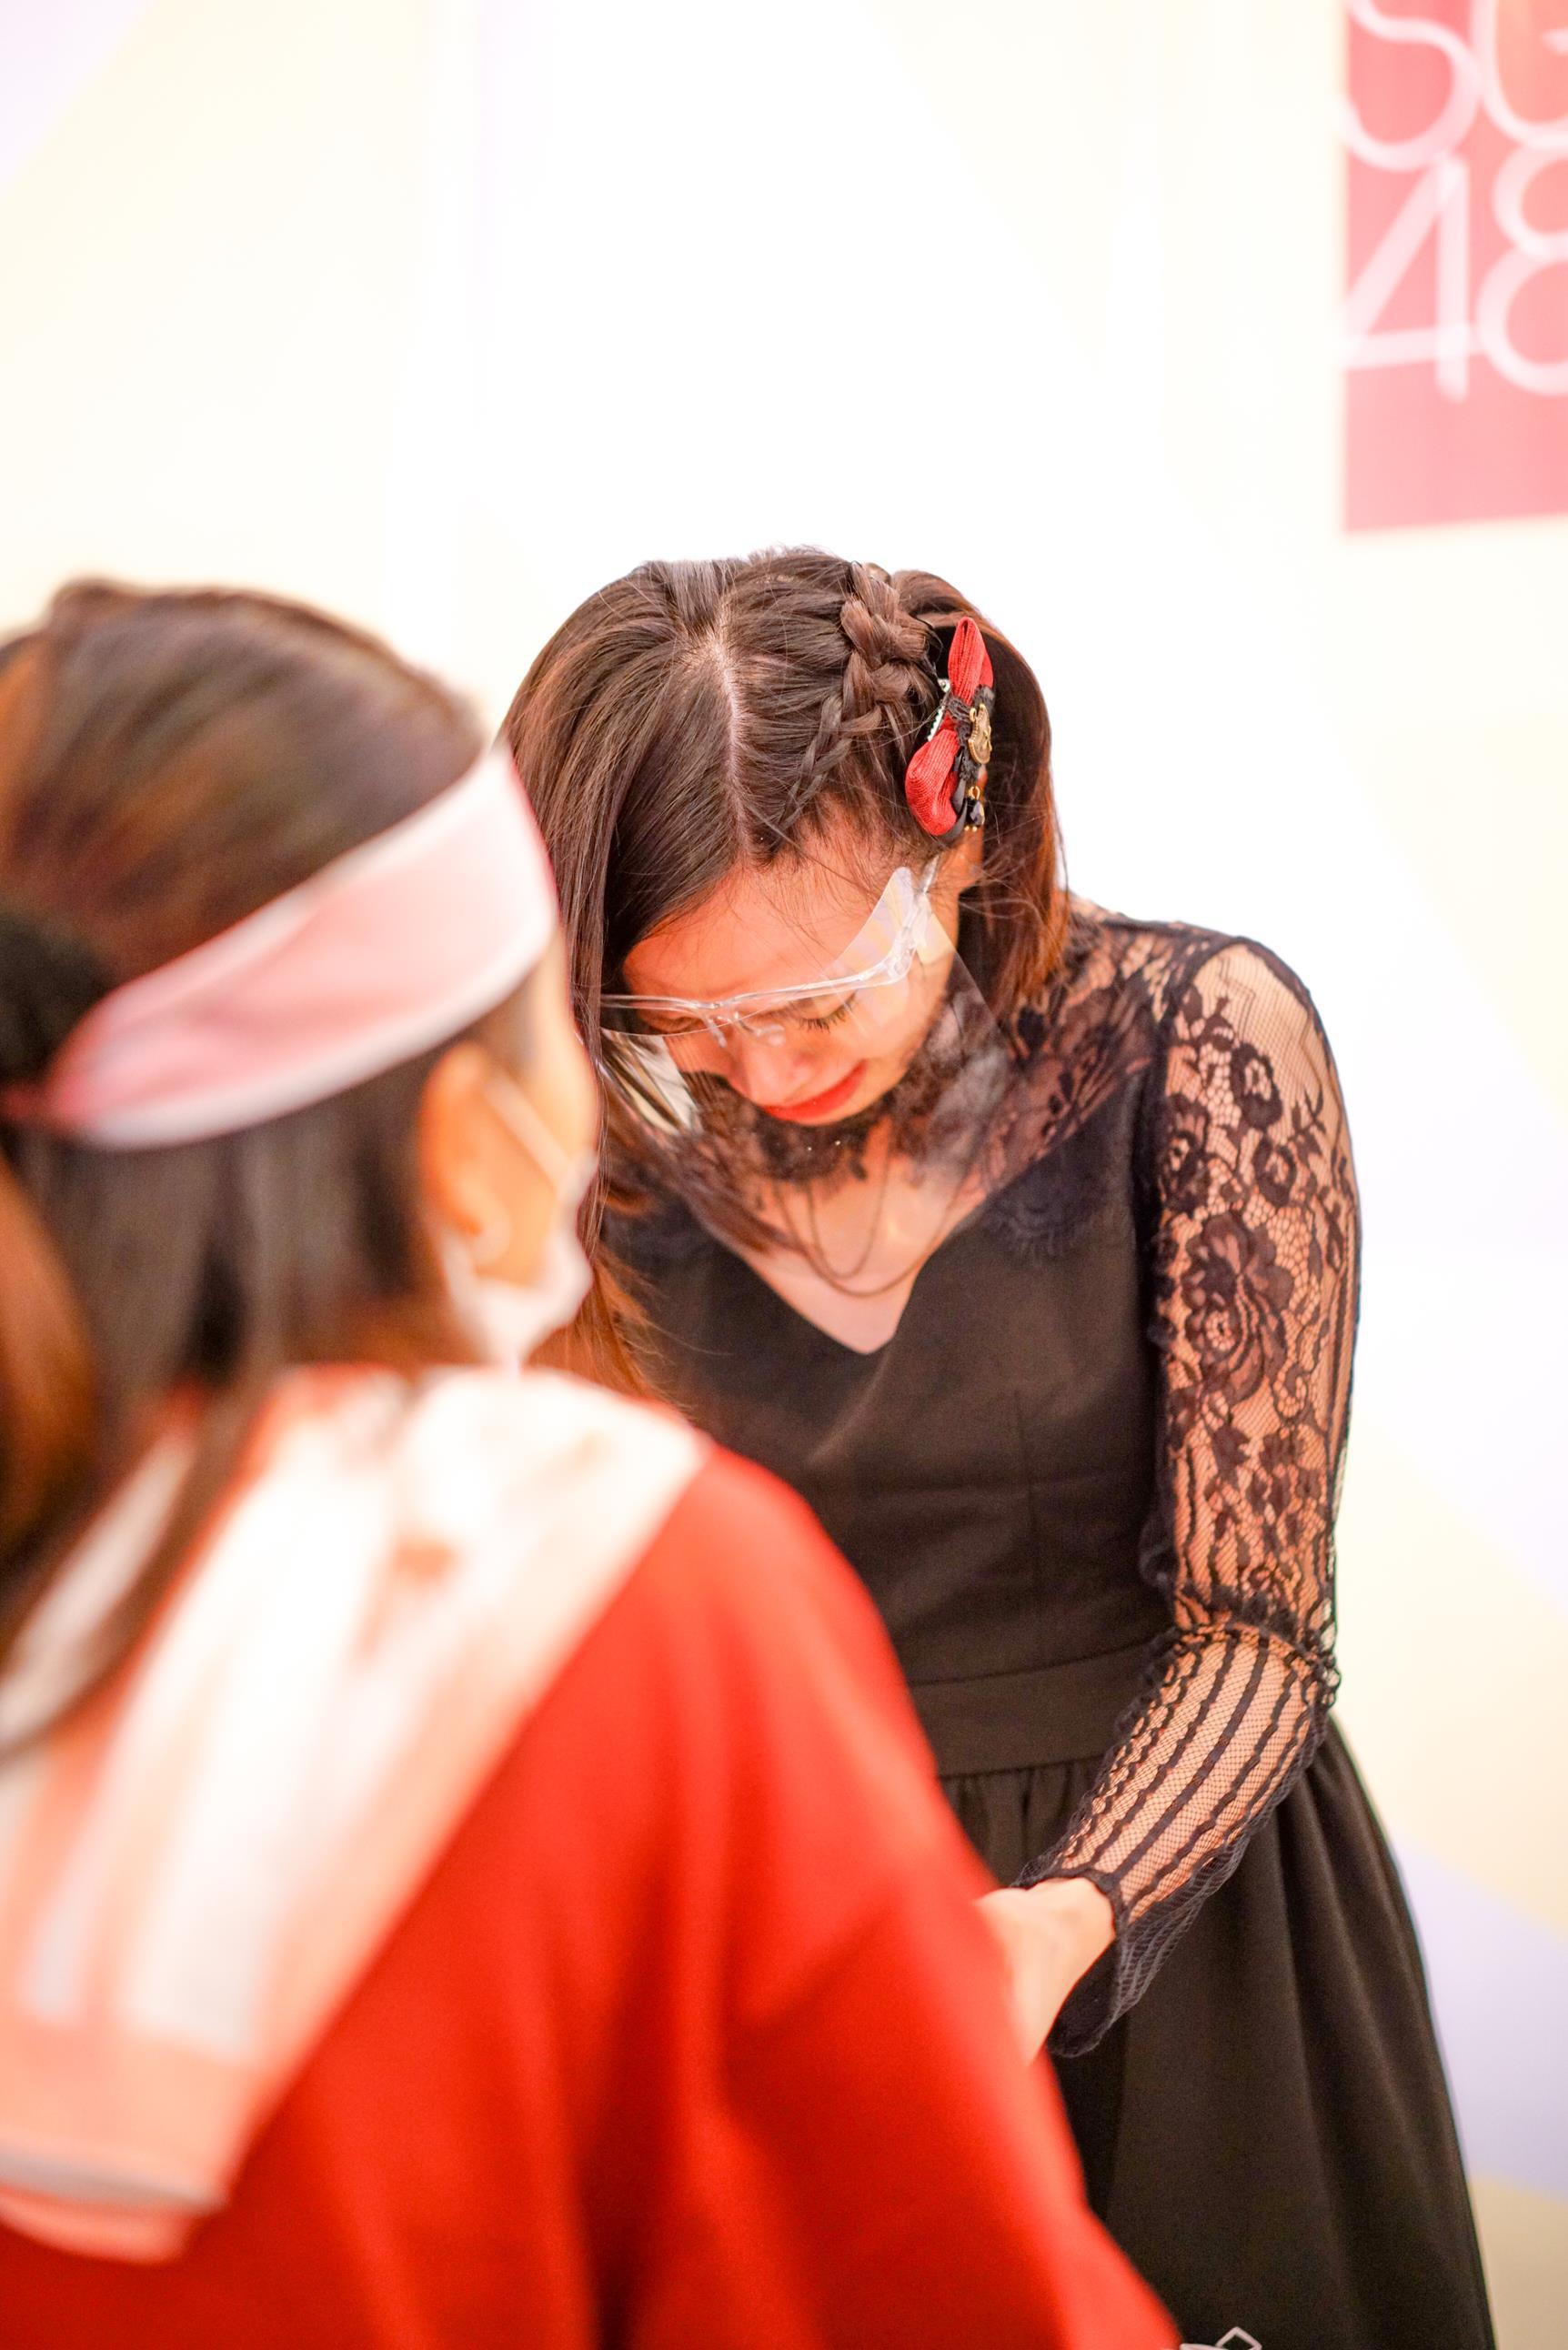 Lệ Trang chiến thắng ở sự kiện Handshake của SGO48, chính thức lọt top 16 trong single tiếp theo! - Ảnh 7.